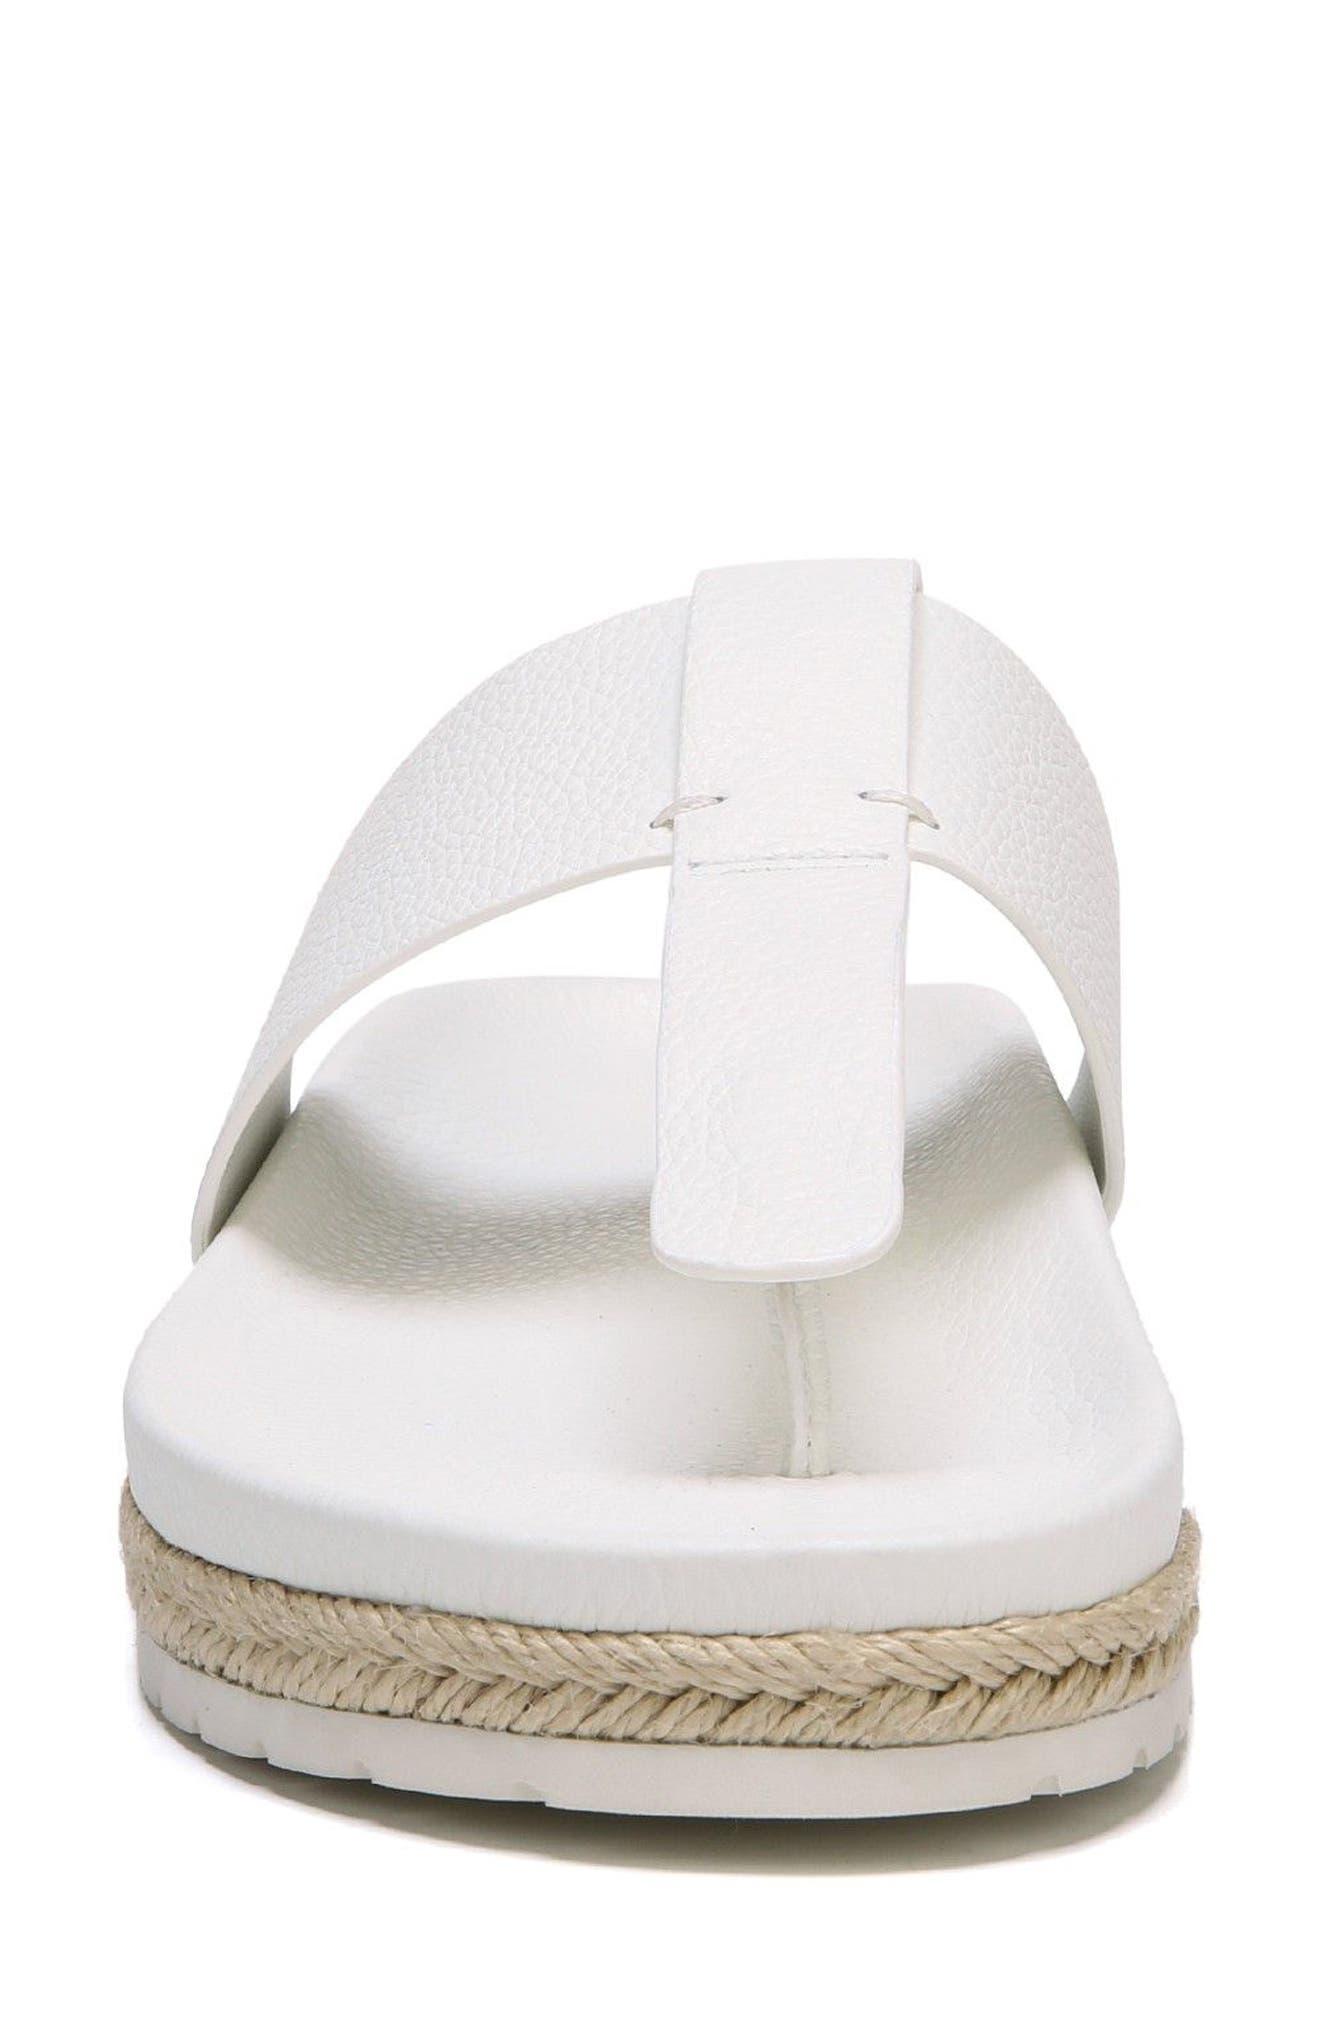 Avani T-Strap Flat Sandal,                             Alternate thumbnail 15, color,